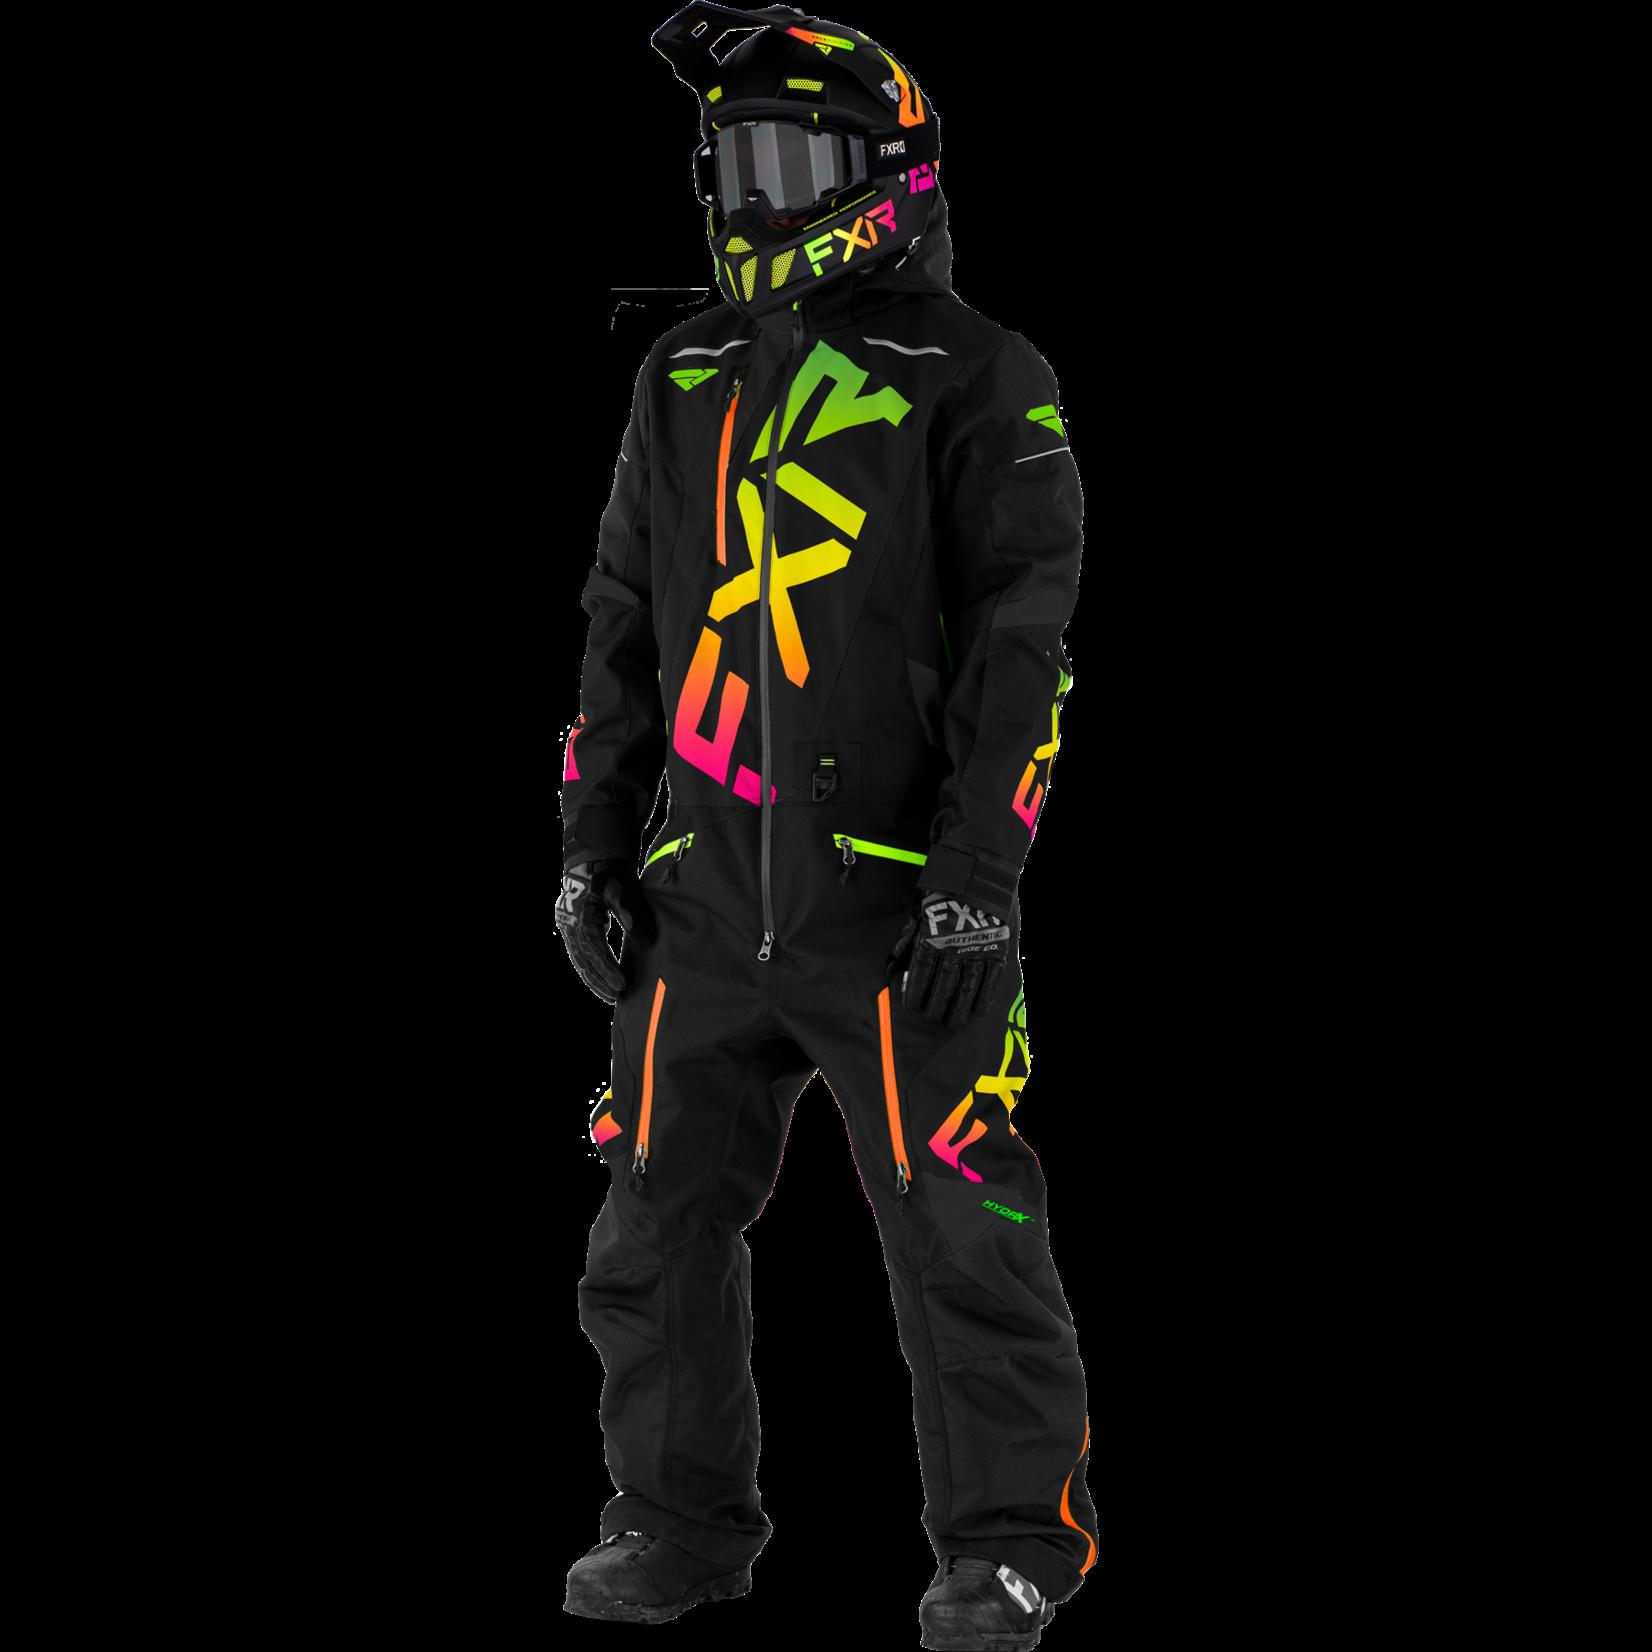 FXR FXR Men's CX FAST Insulated Monosuit